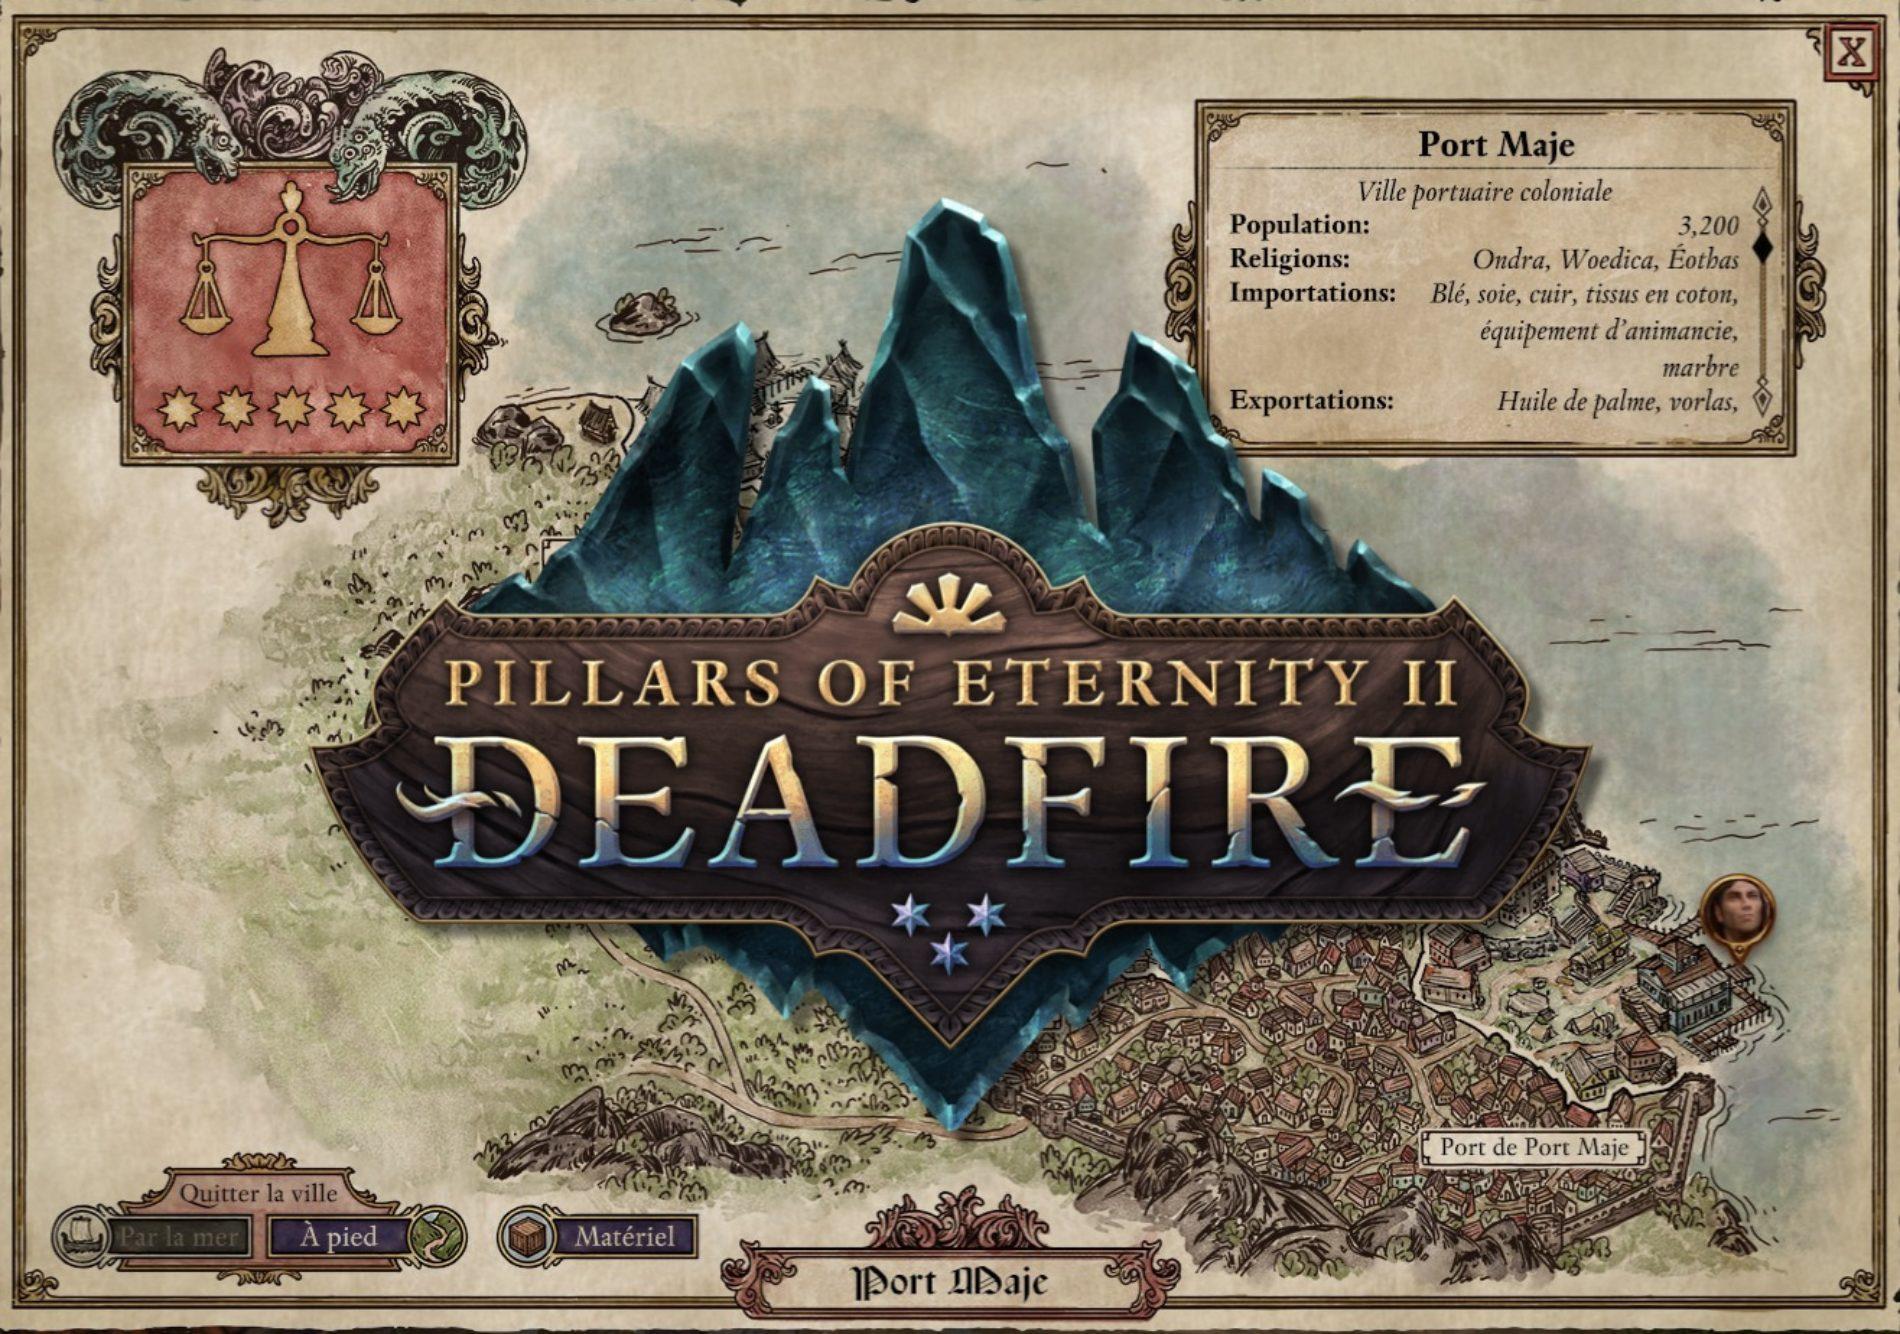 Pillars of Eternity 2 : Deadfire